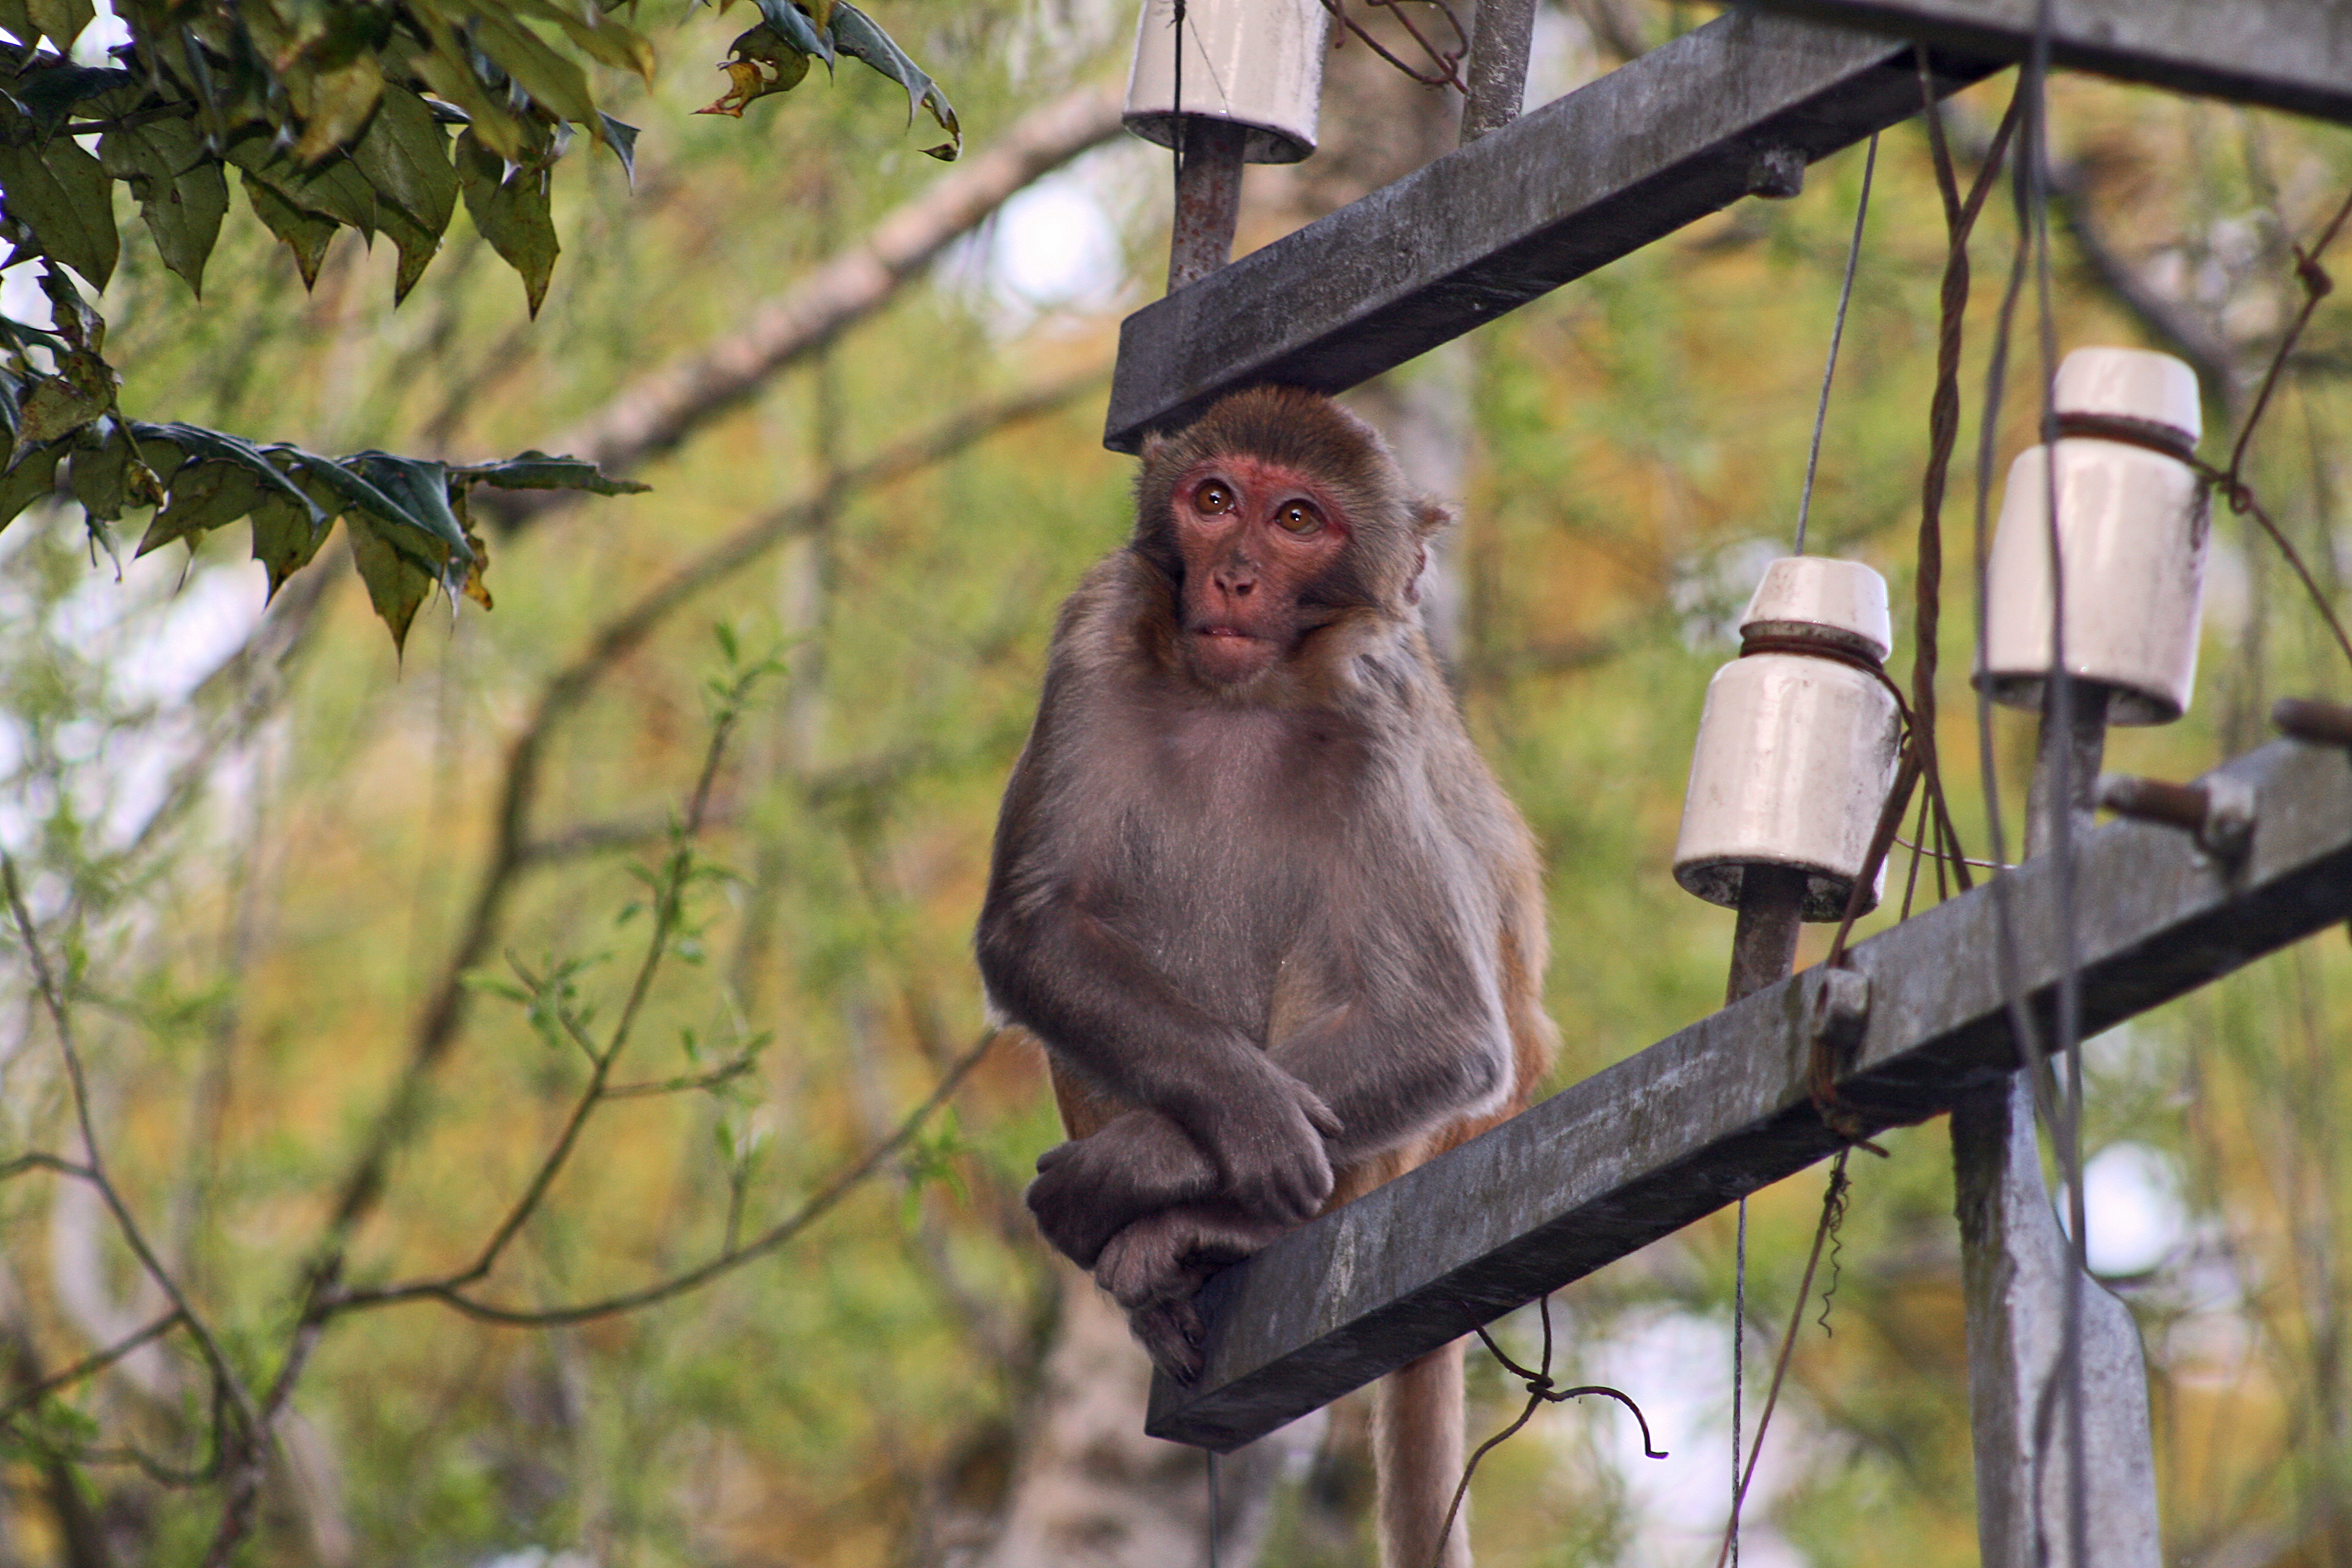 Ape on a Telegraph Pole, India